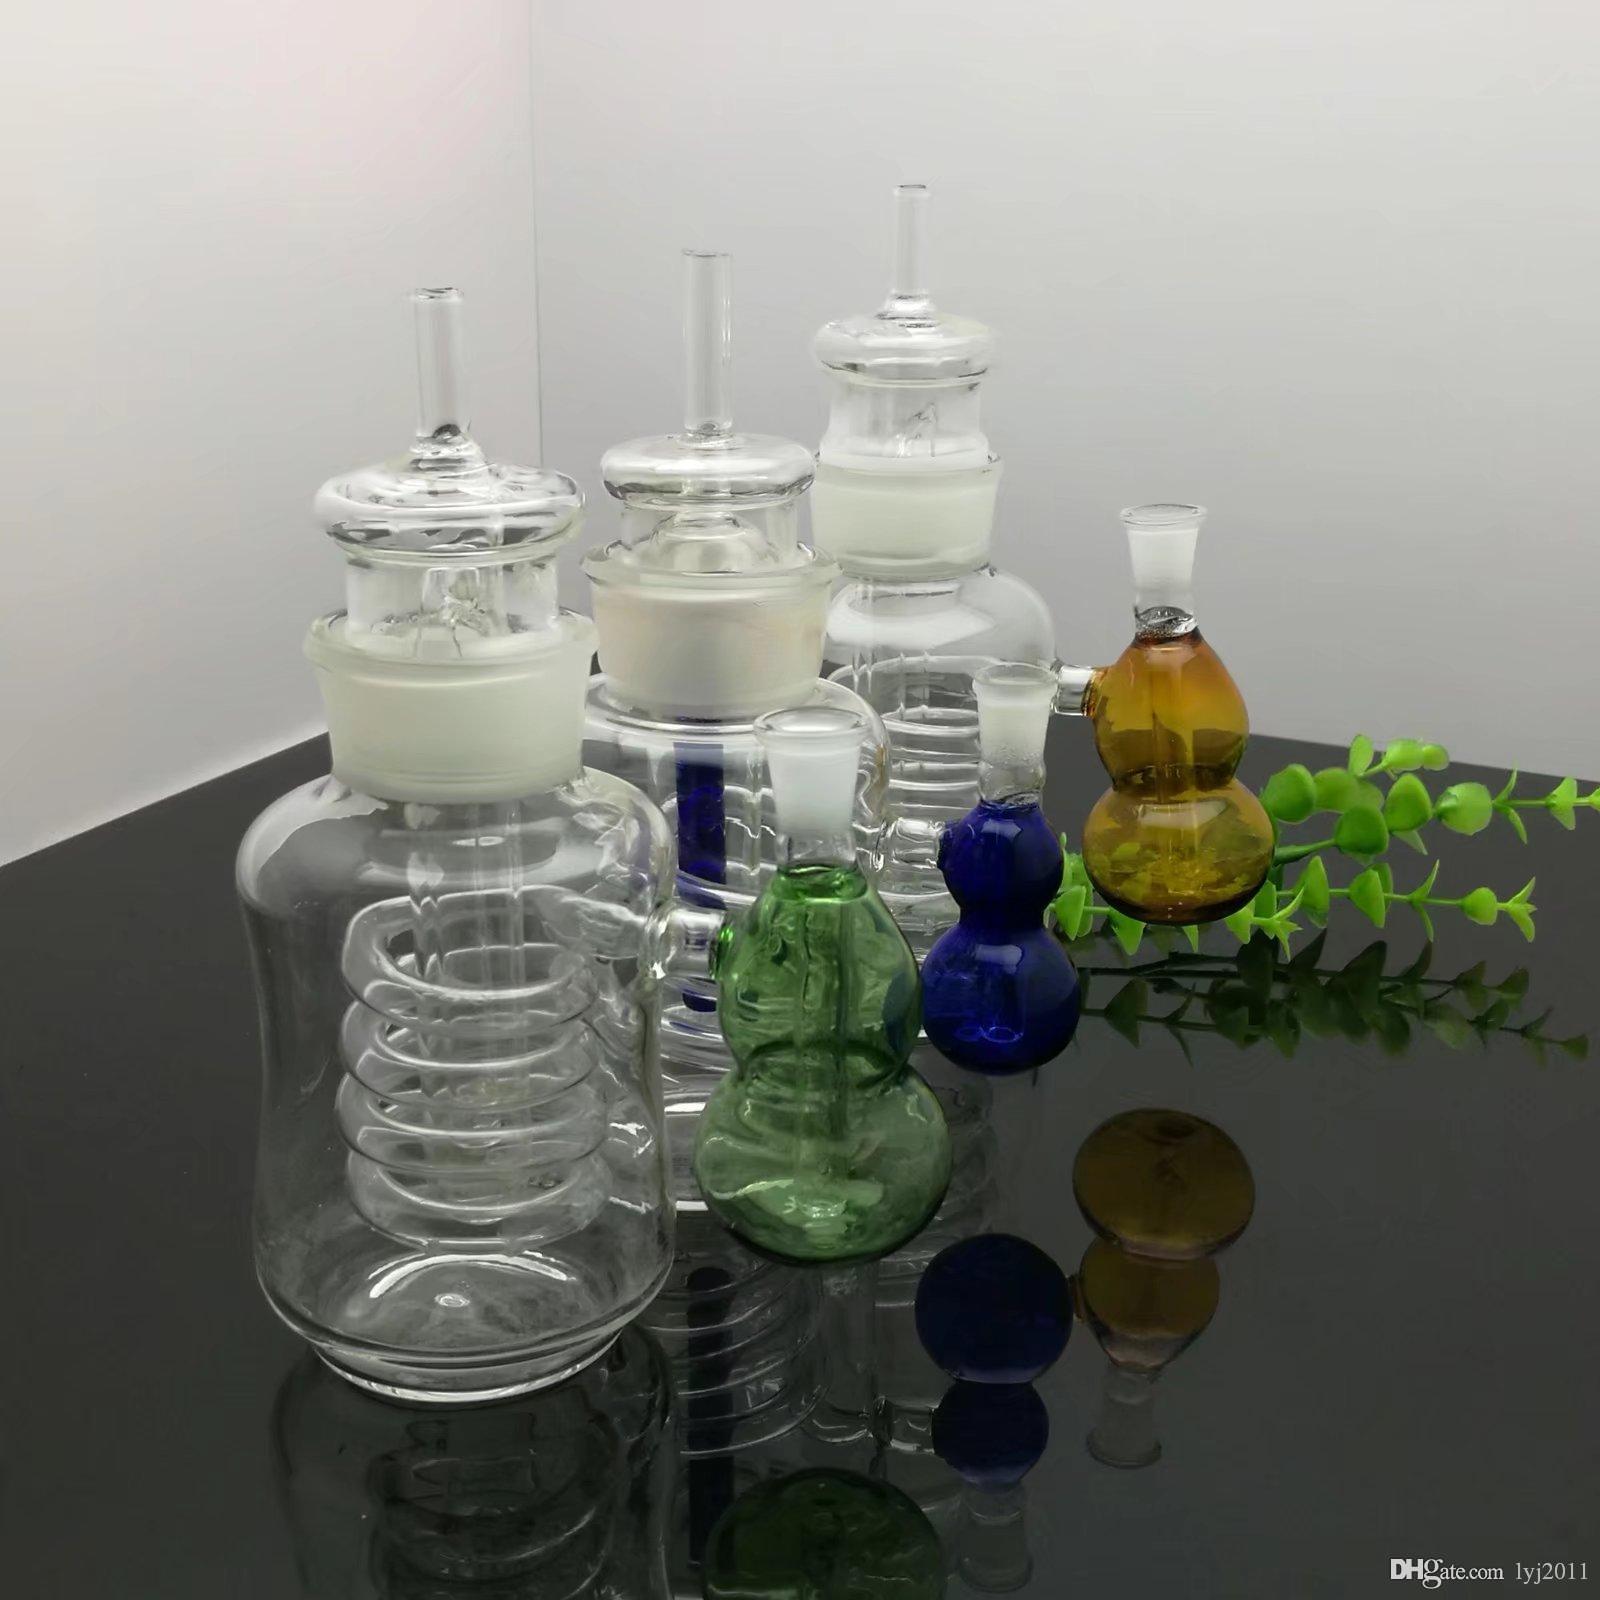 garrafa de vidro garrafa de água cabaça externa bongs de vidro queimador de óleo de vidro da tubulação de água Plataformas de petróleo Rigs fumadores